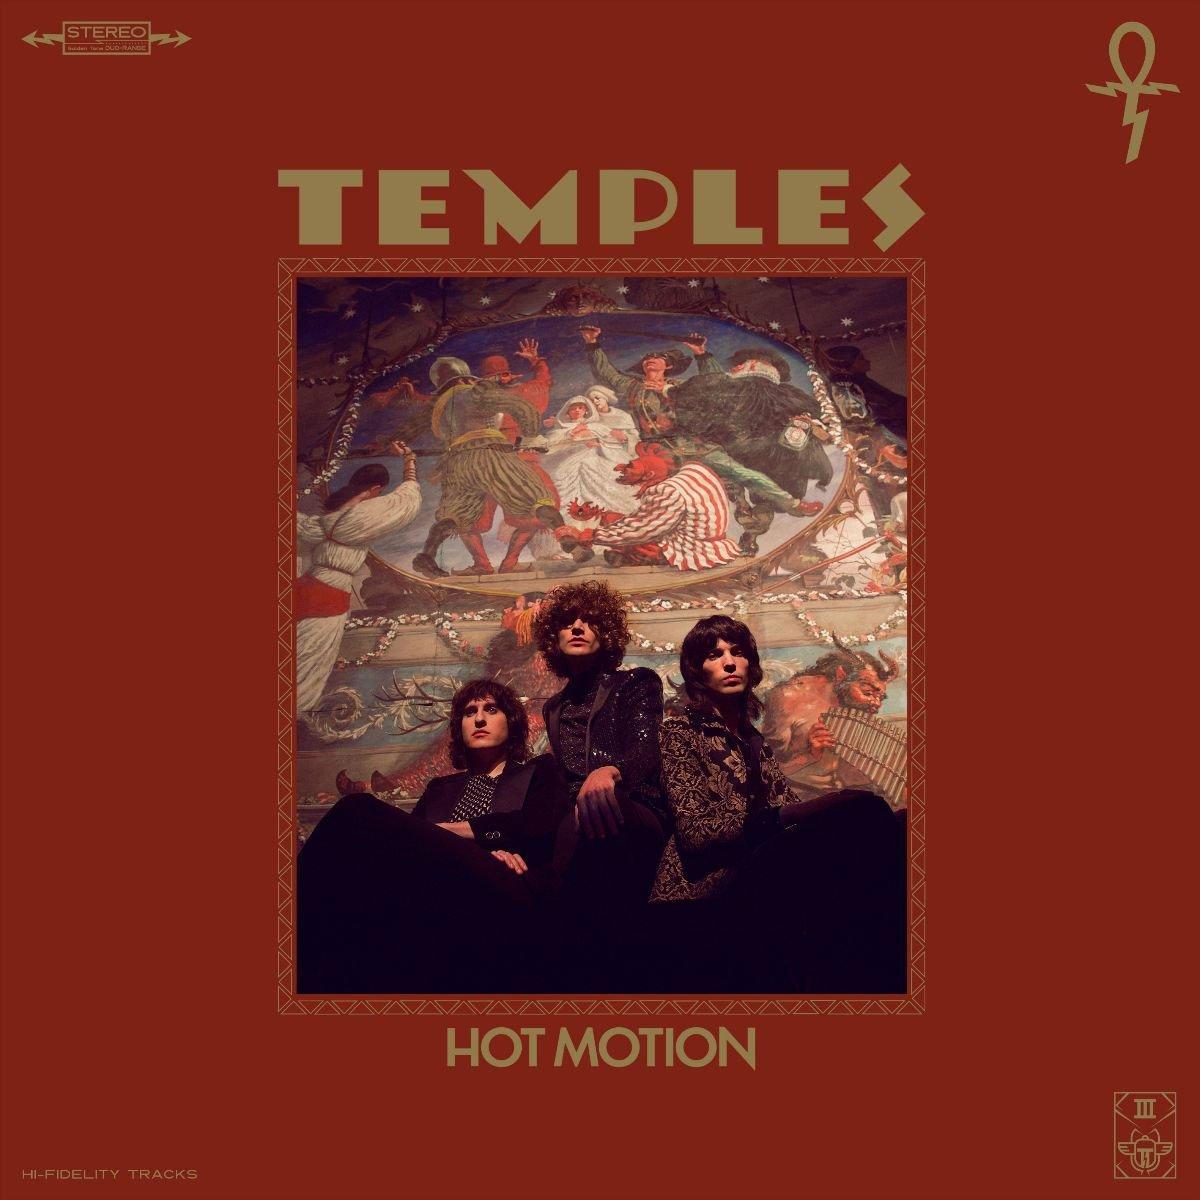 ALBUM REVIEW: Temples - Hot Motion